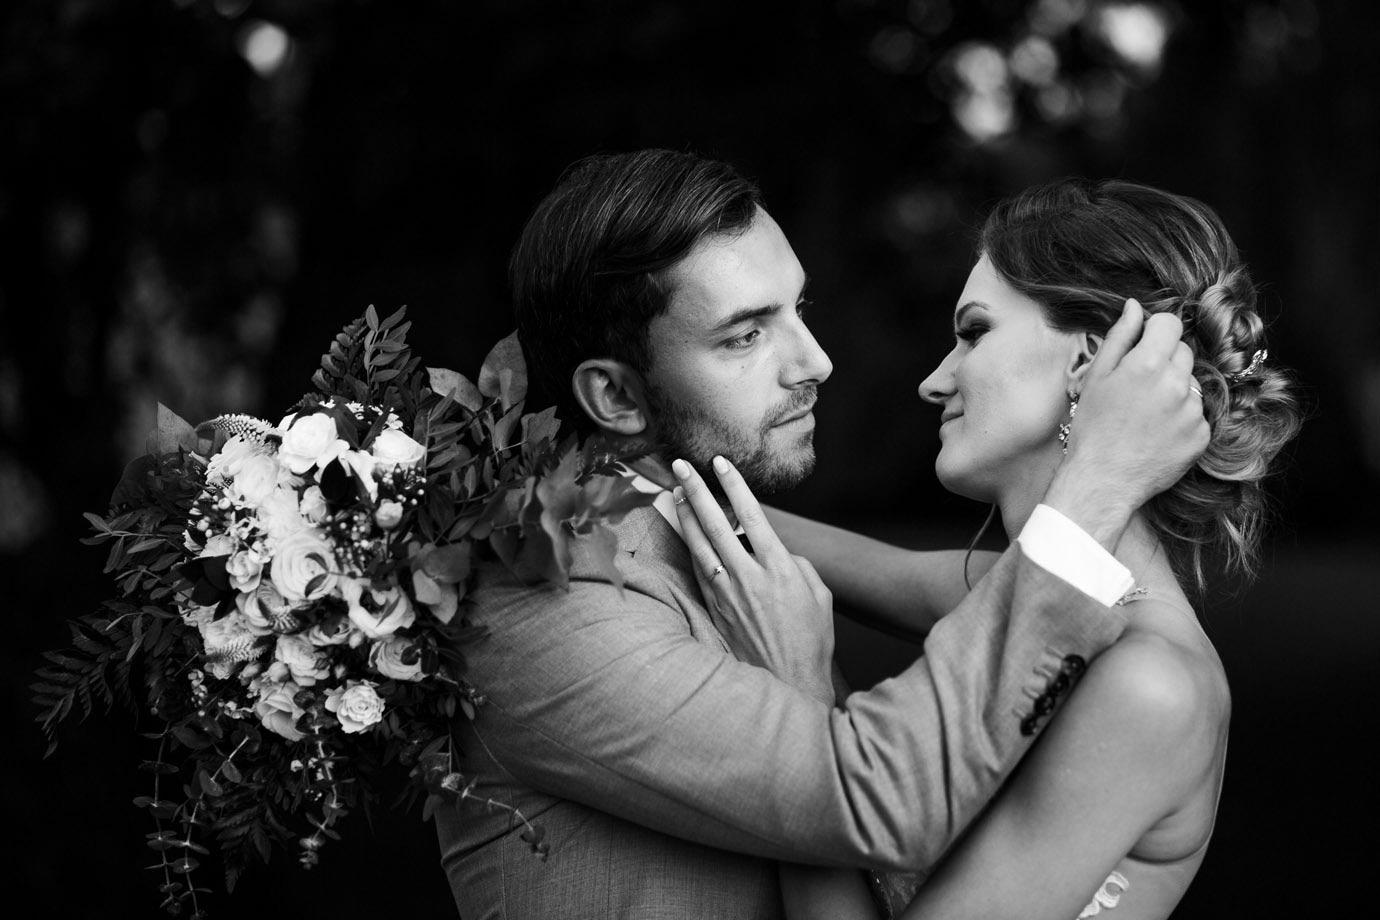 Czy można zrobić sesję plenerową w dniu ślubu